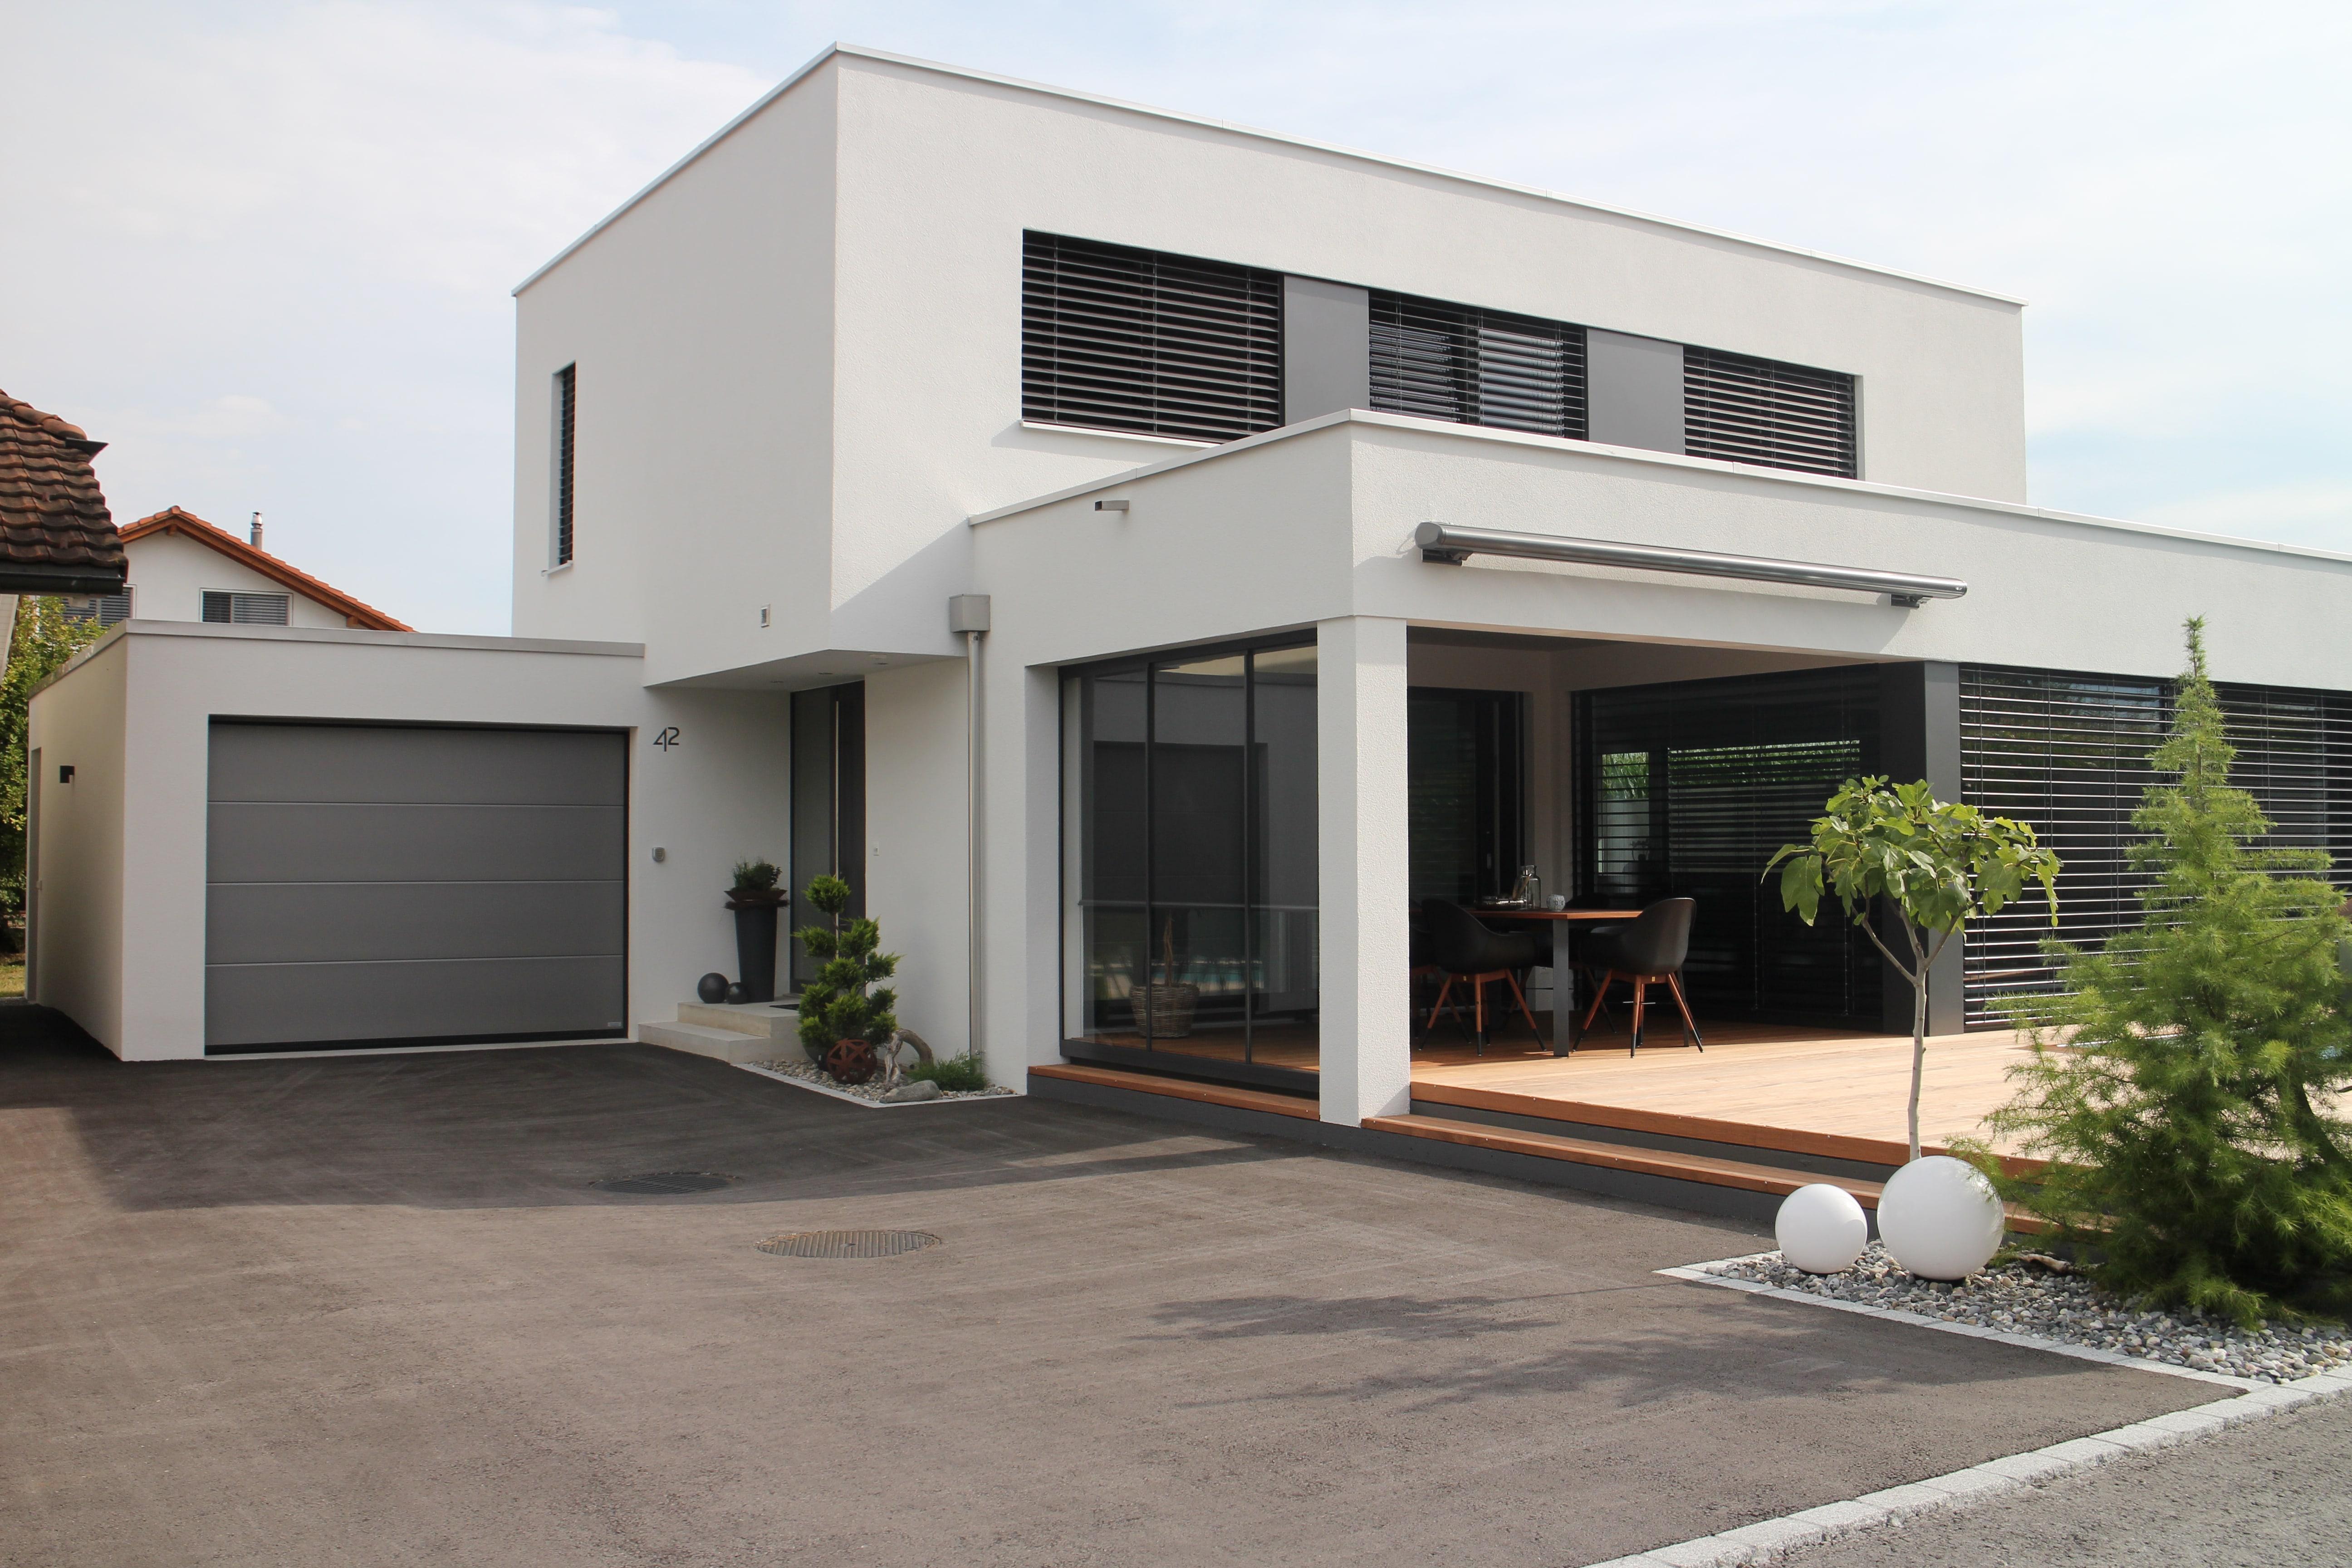 Einfamilienhäuser-weder raphael gmbh